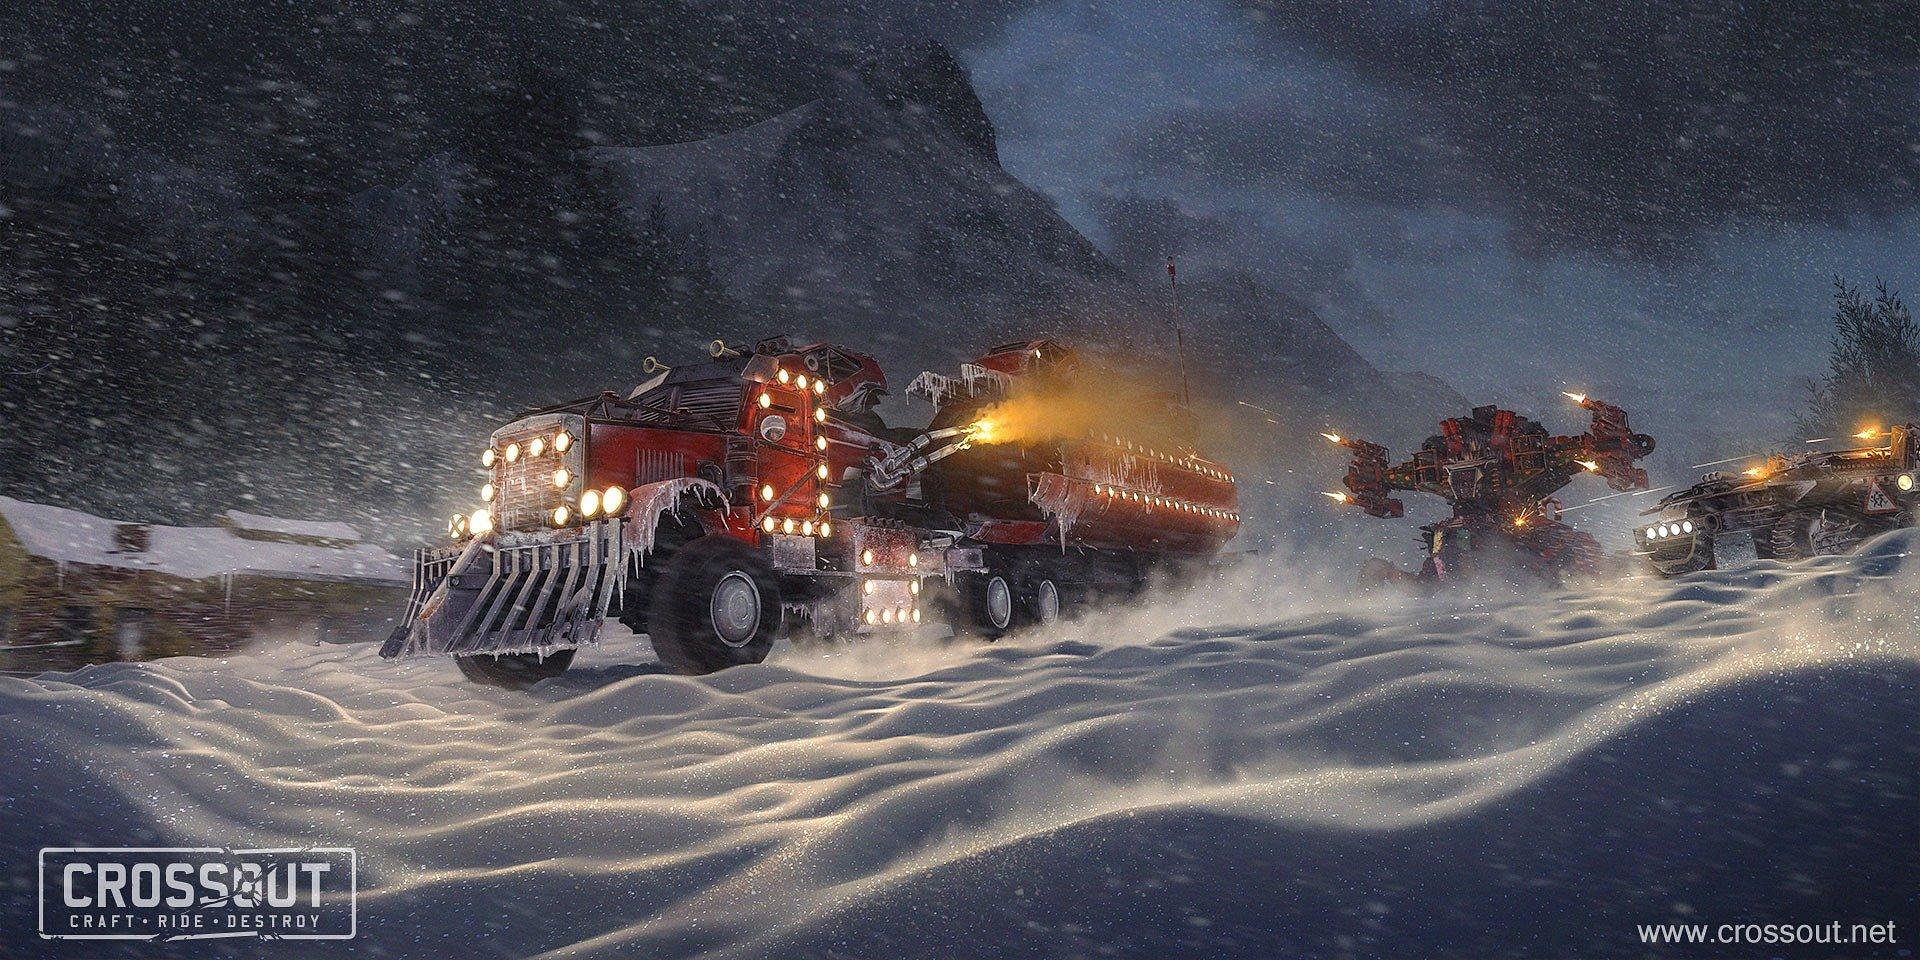 Crossout slaví vánoce s dárky, událostí a novým obsahem Svět!